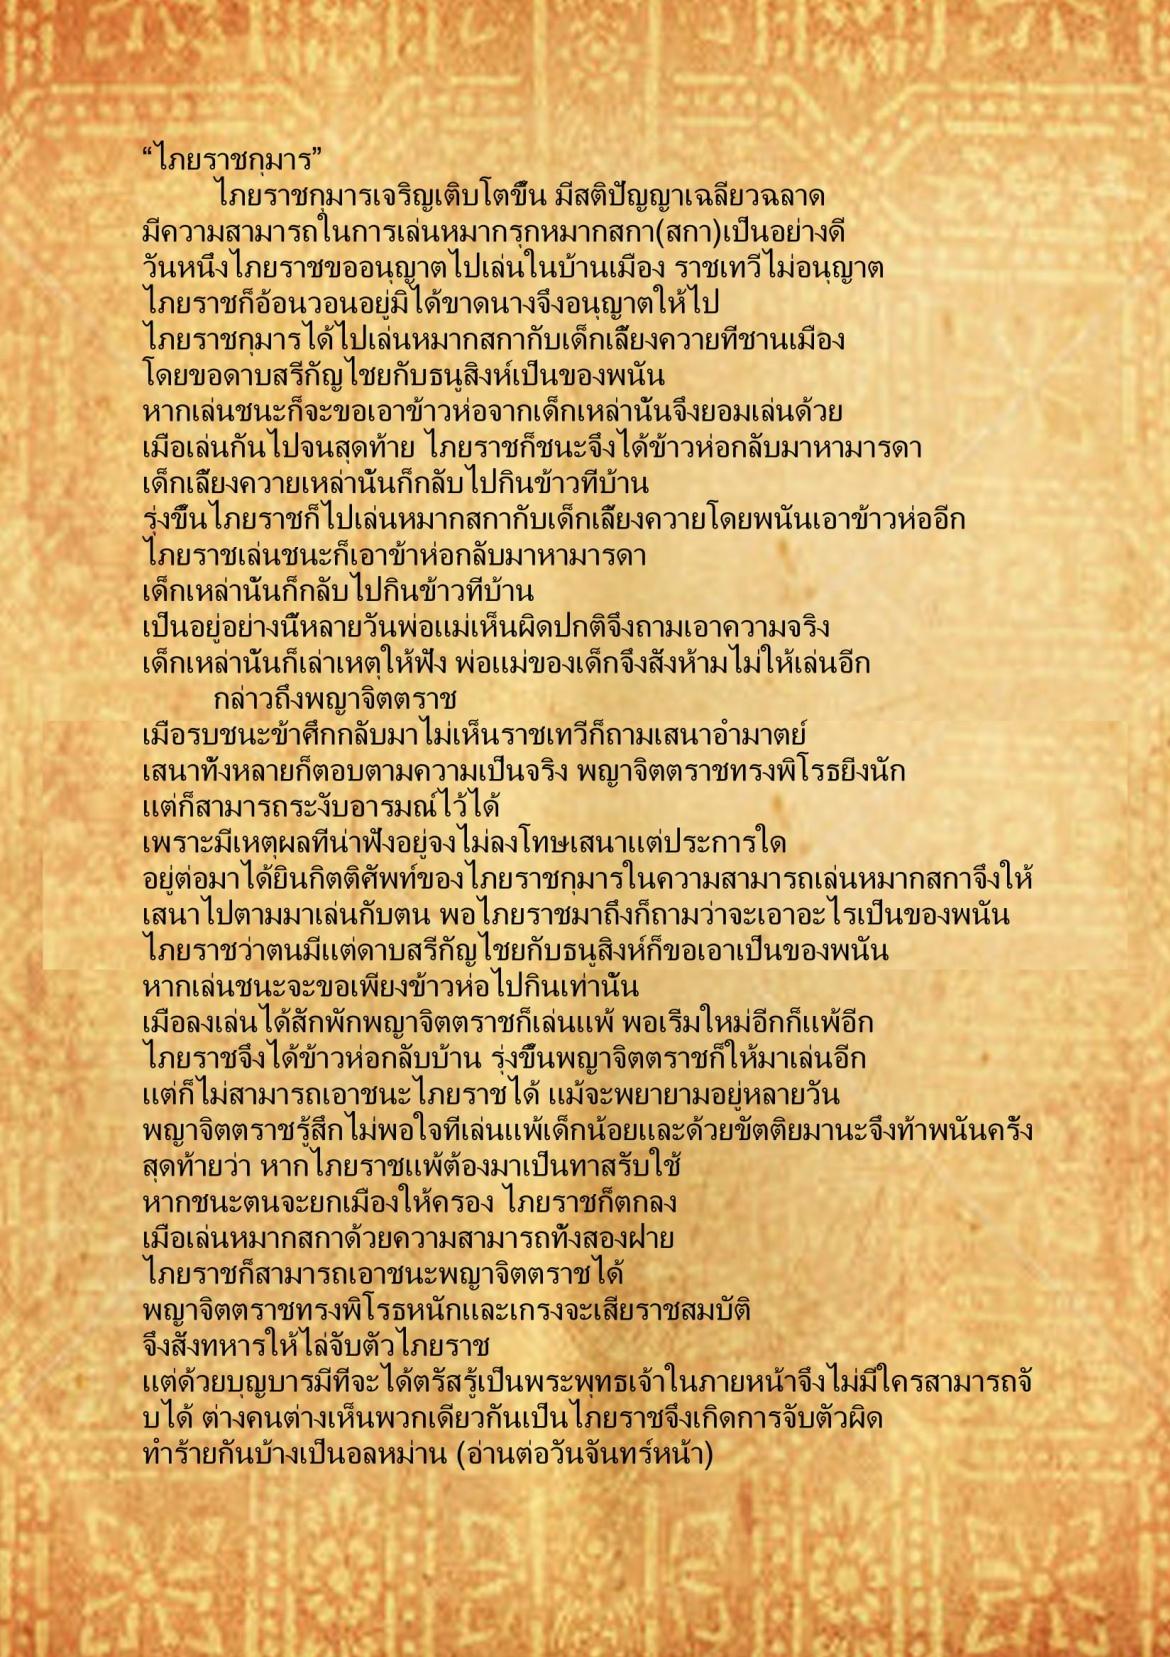 ไภยราช (3) - 20  มิถุนายน  2559